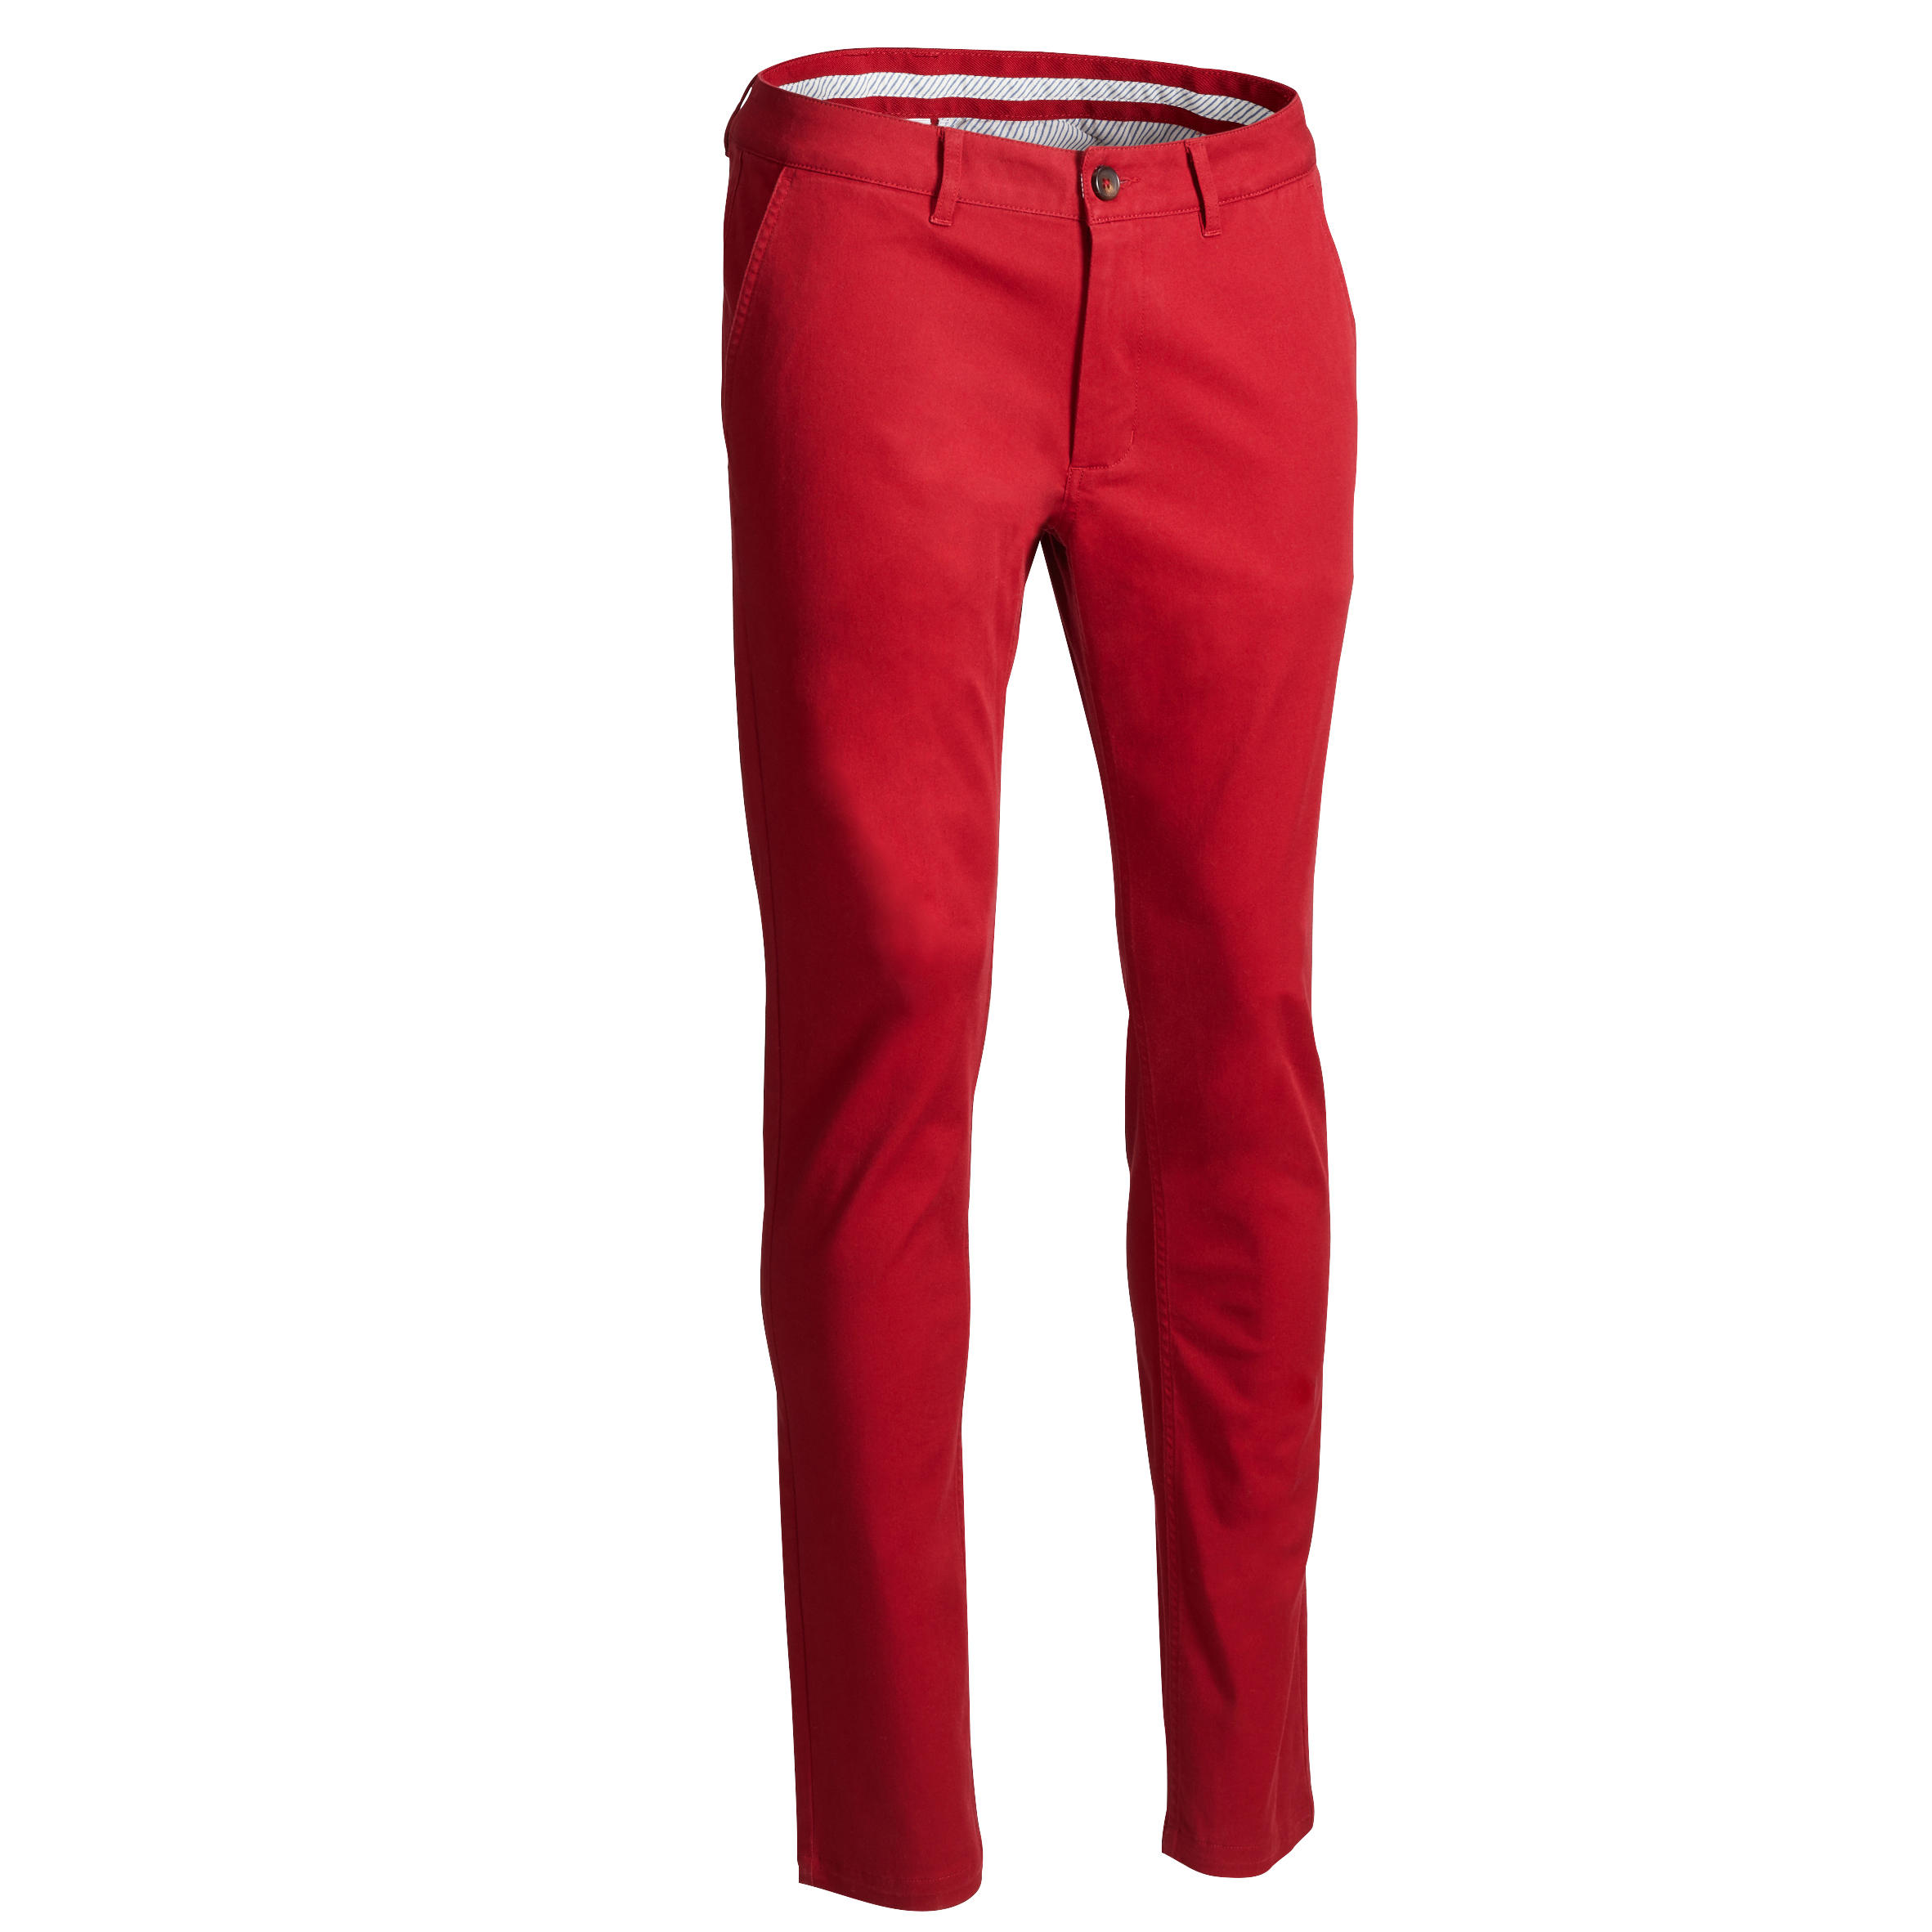 Pantalon Golf Roşu Bărbaţi la Reducere poza